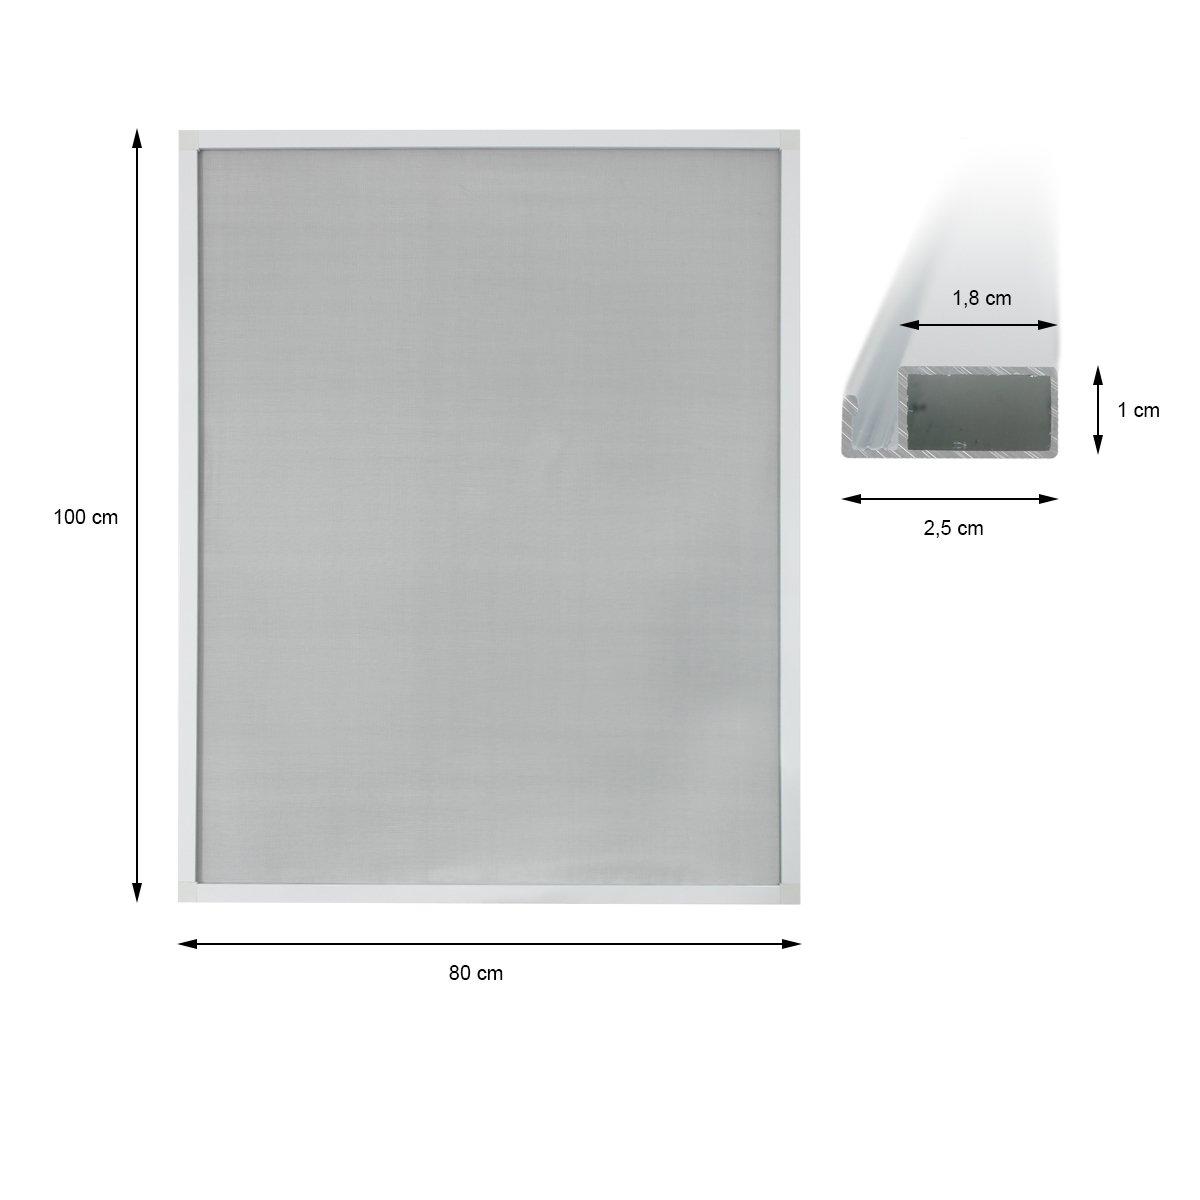 ECD Germany 5-er Pack Fliegengitter mit Rahmen Rahmen Rahmen aus Aluminium - wetterfestes Moskitonetz aus Fiberglasgewebe für Fenster - 120x140 - weiß Anthrazit B01J5UM8GY Seitenzug- & Springrollos 121d28